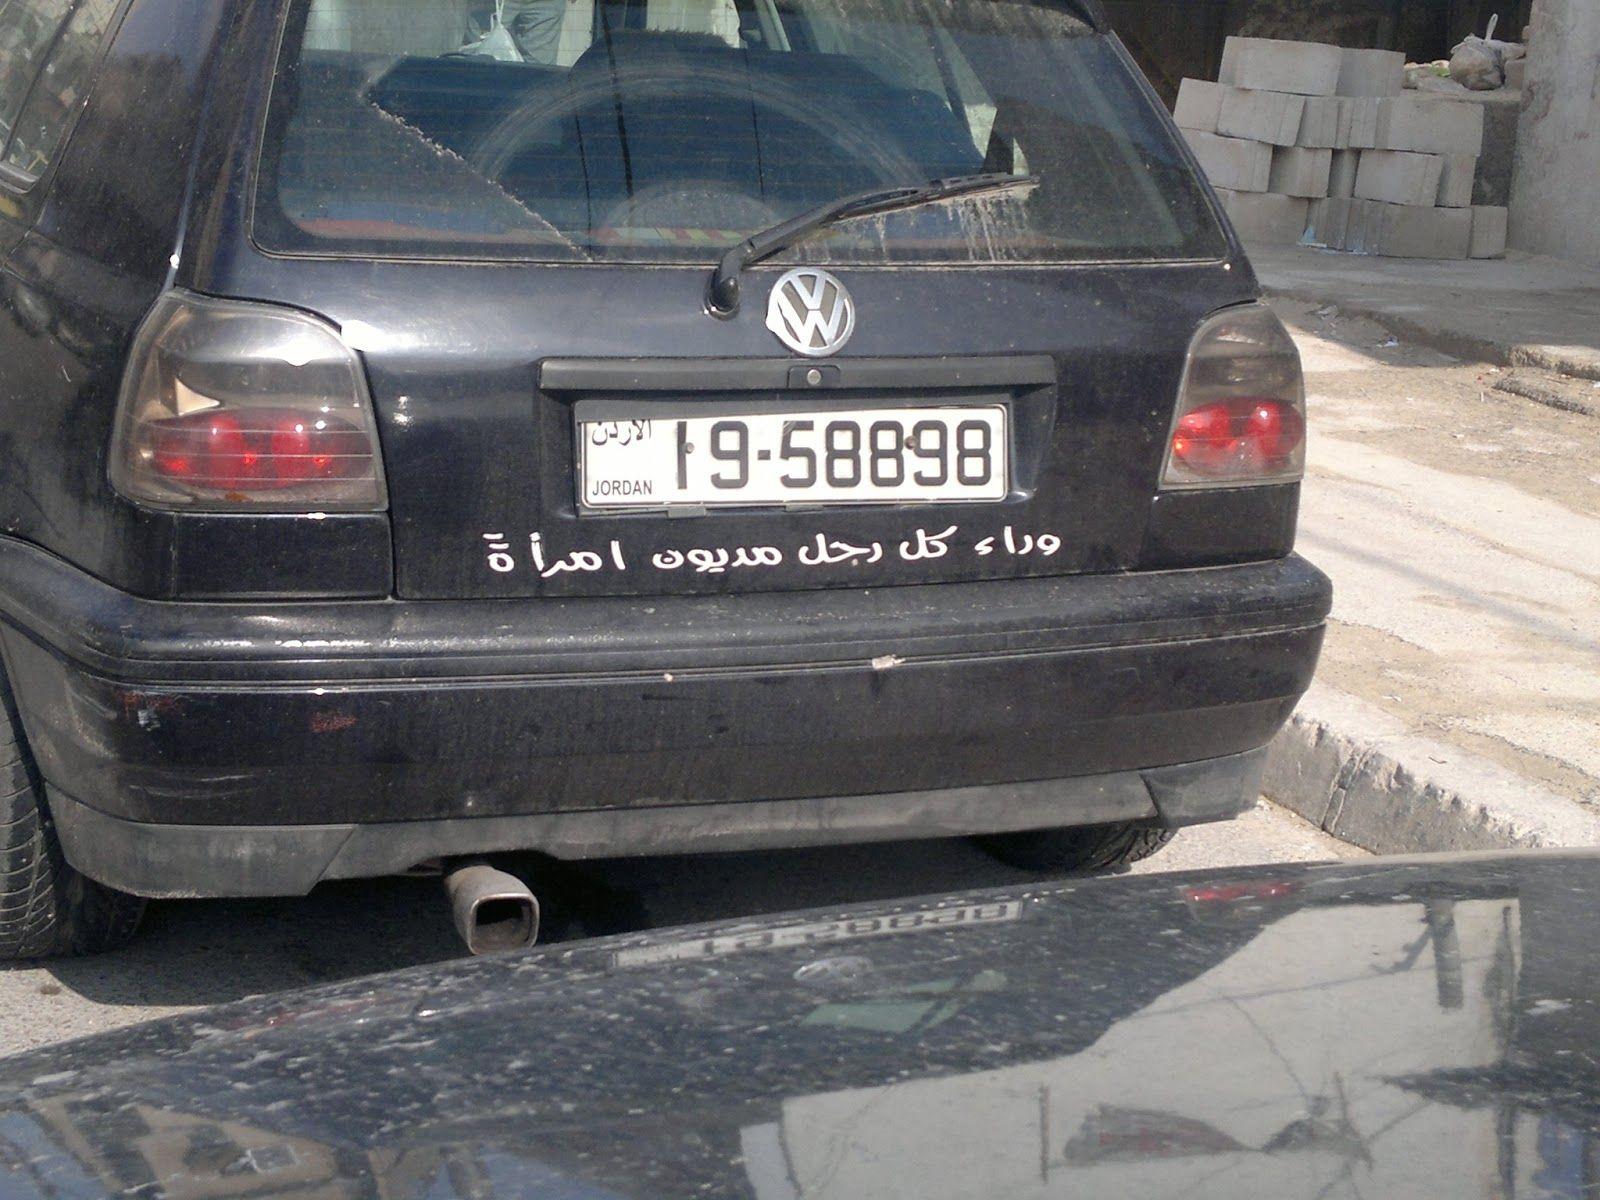 كلام مكتوب علي عربيات عبارات مشهورة مكتوبة علي العربيات والسيارات Car Suv Car Suv